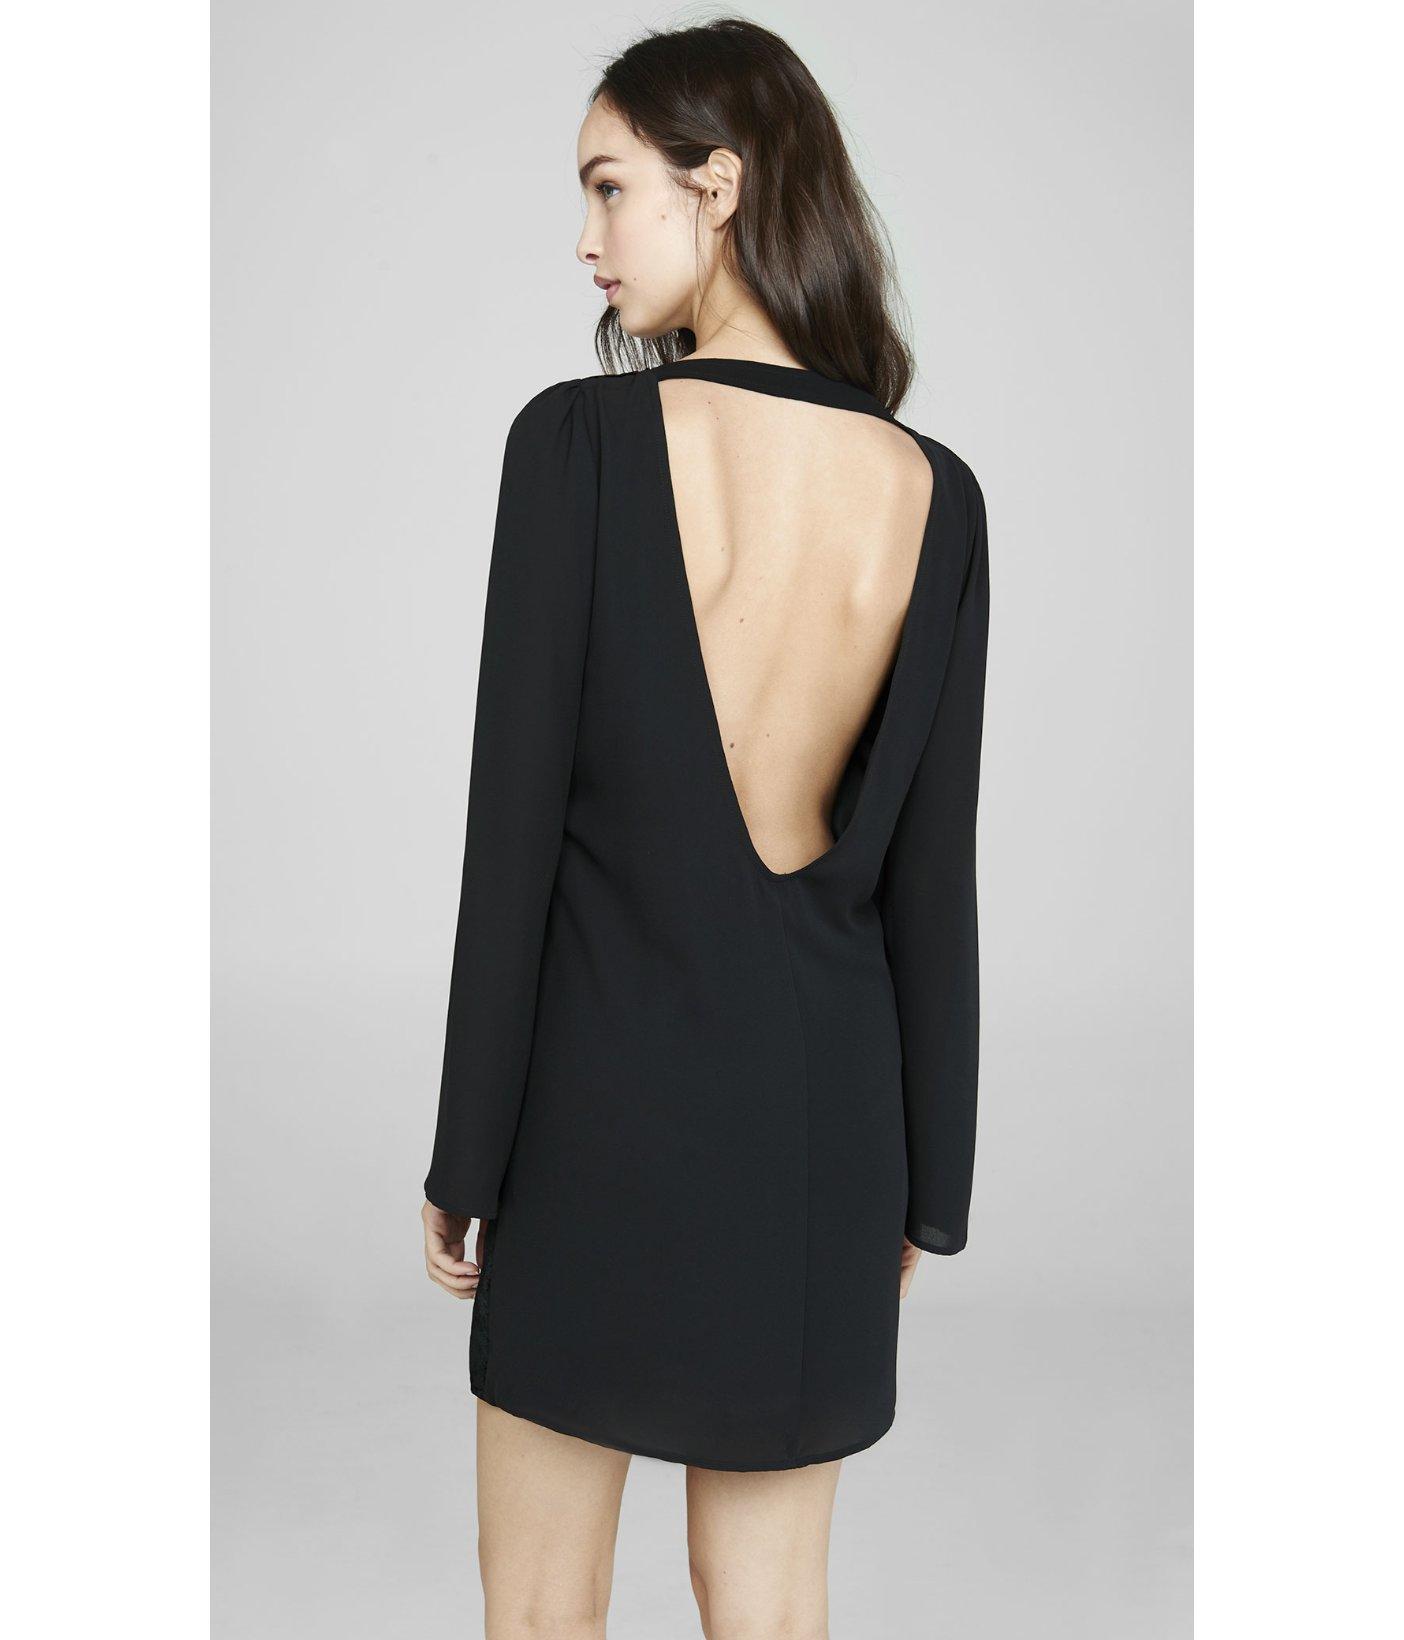 34eefe40809d Lyst - Express Black Velvet Burnout Deep V-back Dress in Black